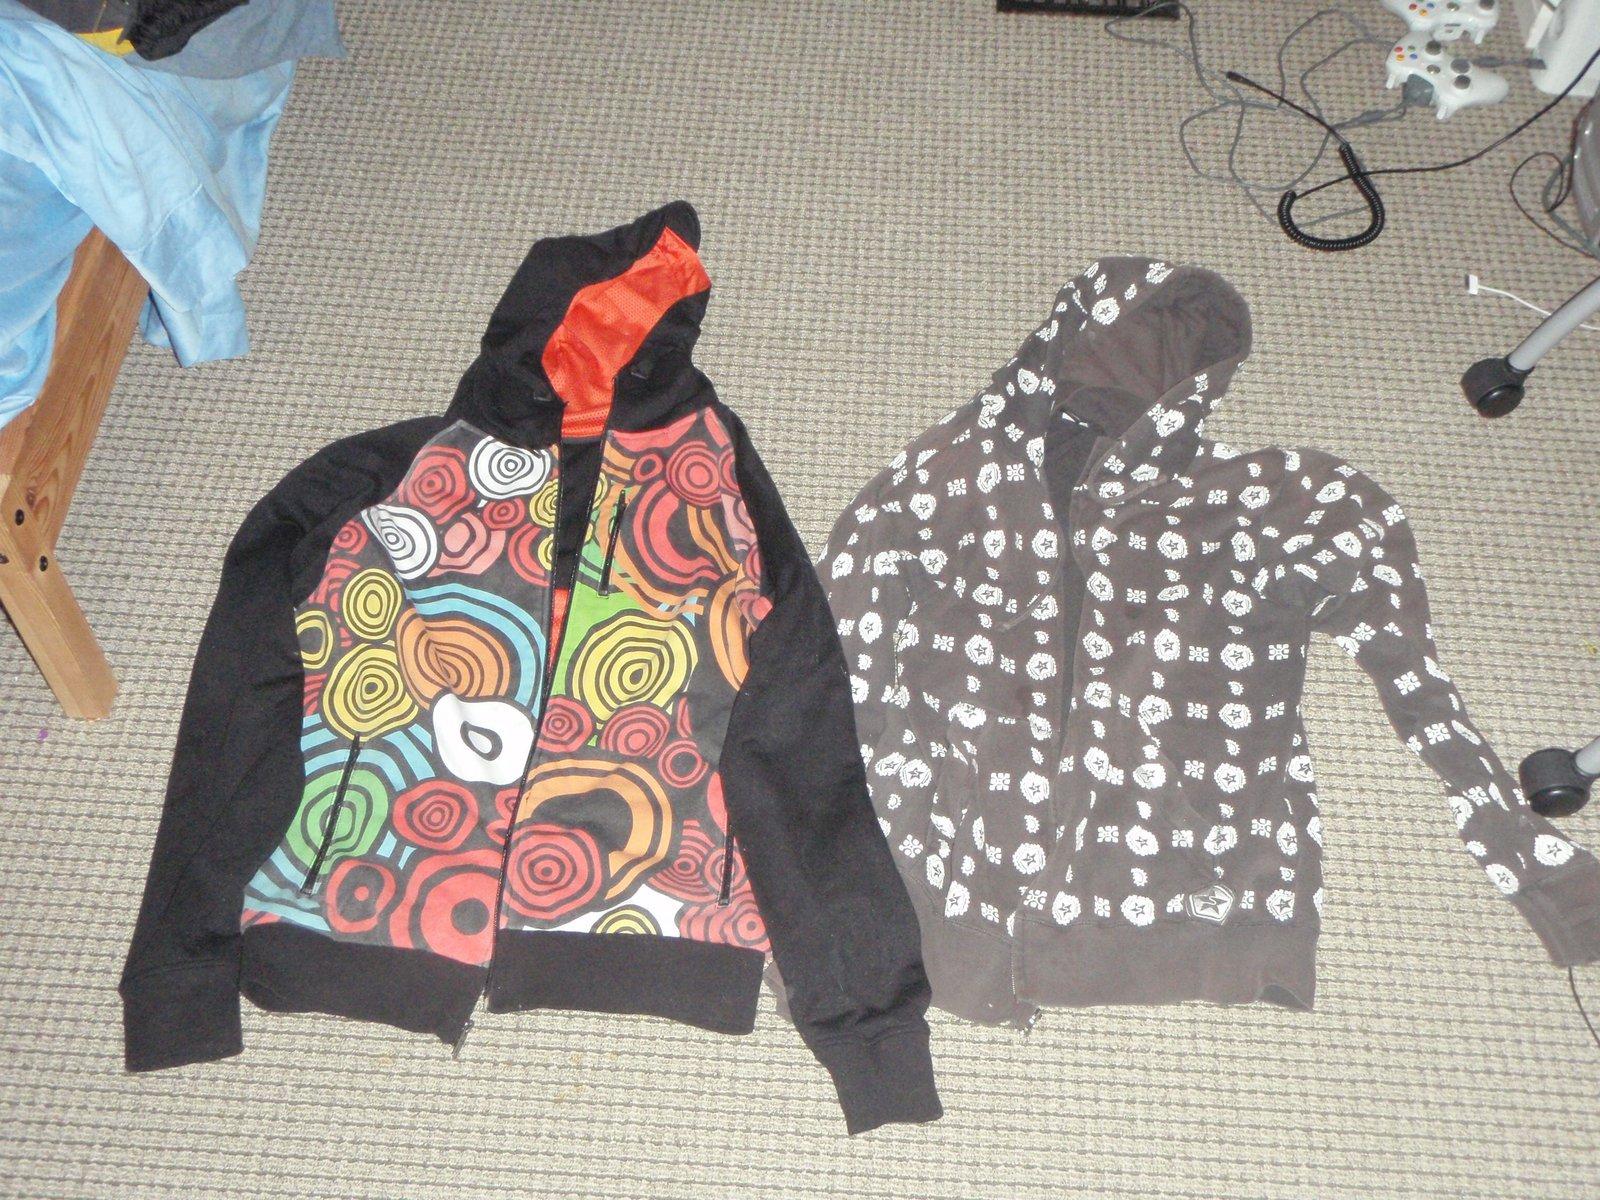 Large sweatshirts